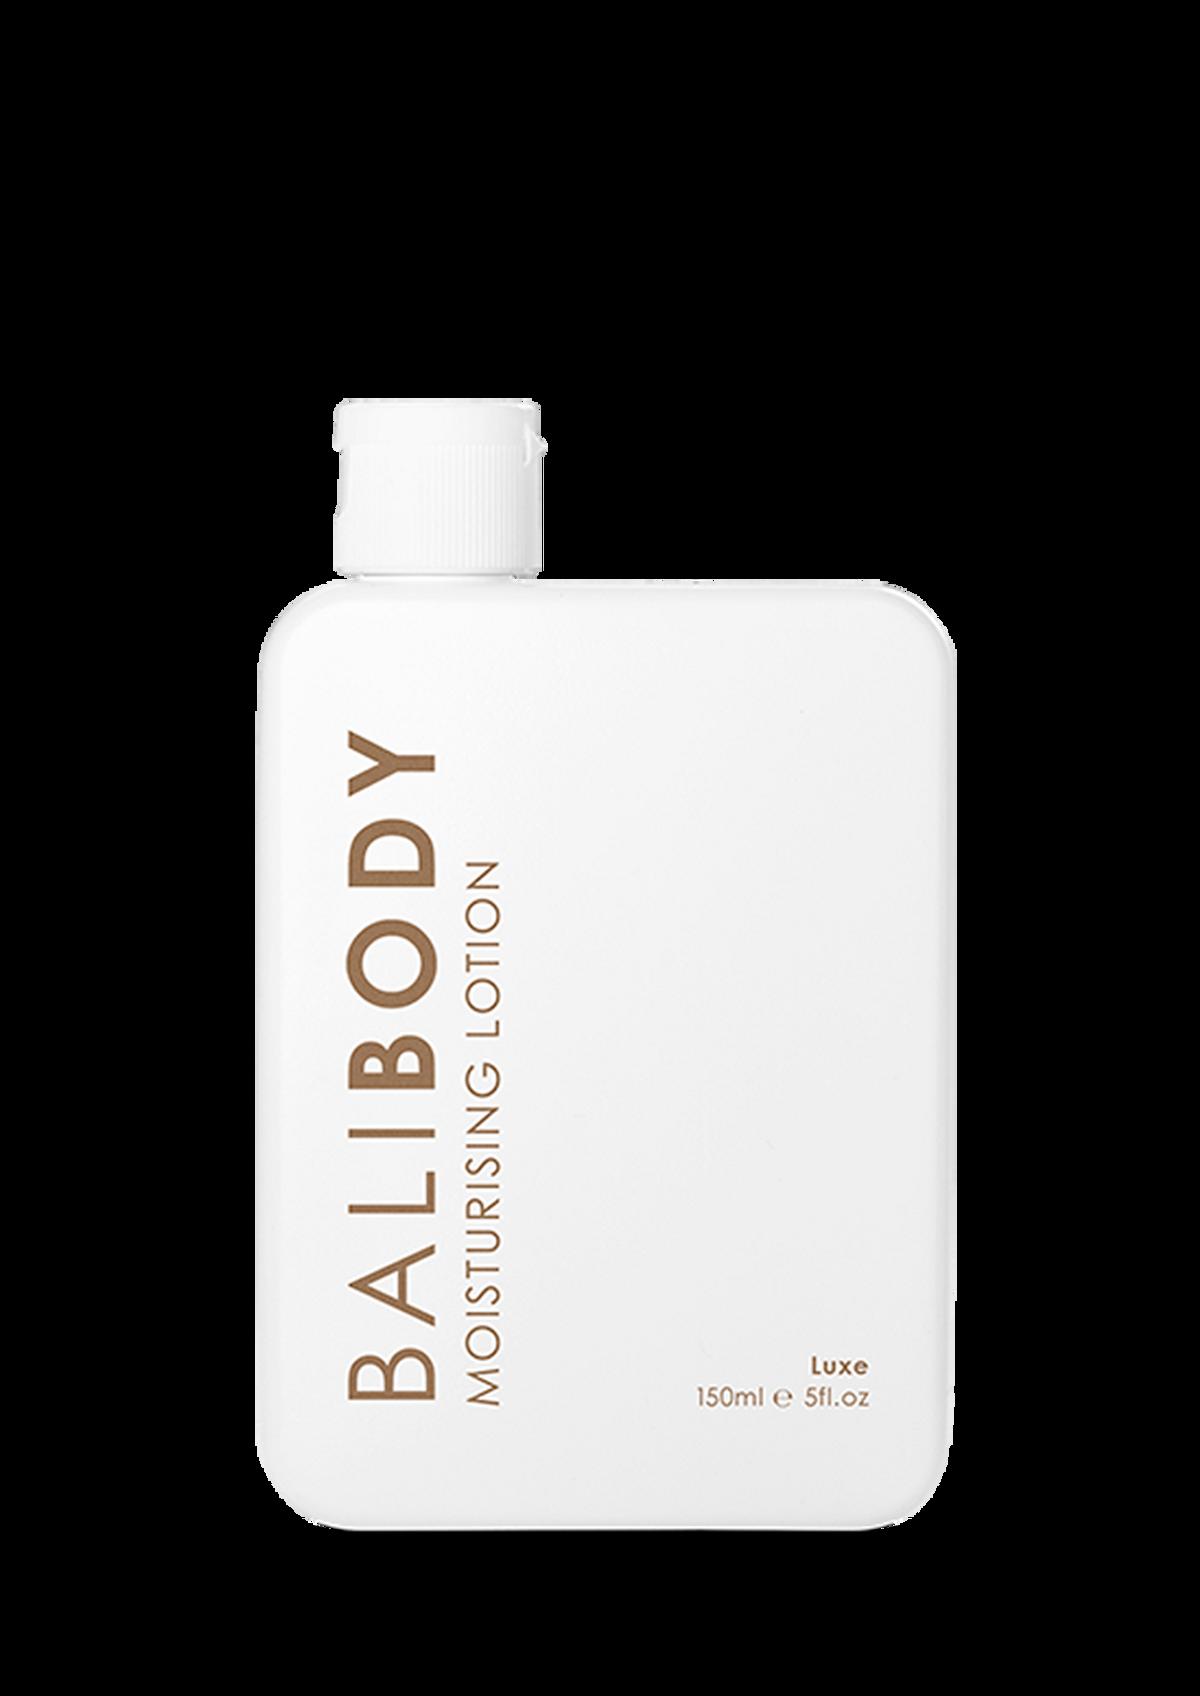 bali body luxe moisturizing lotion